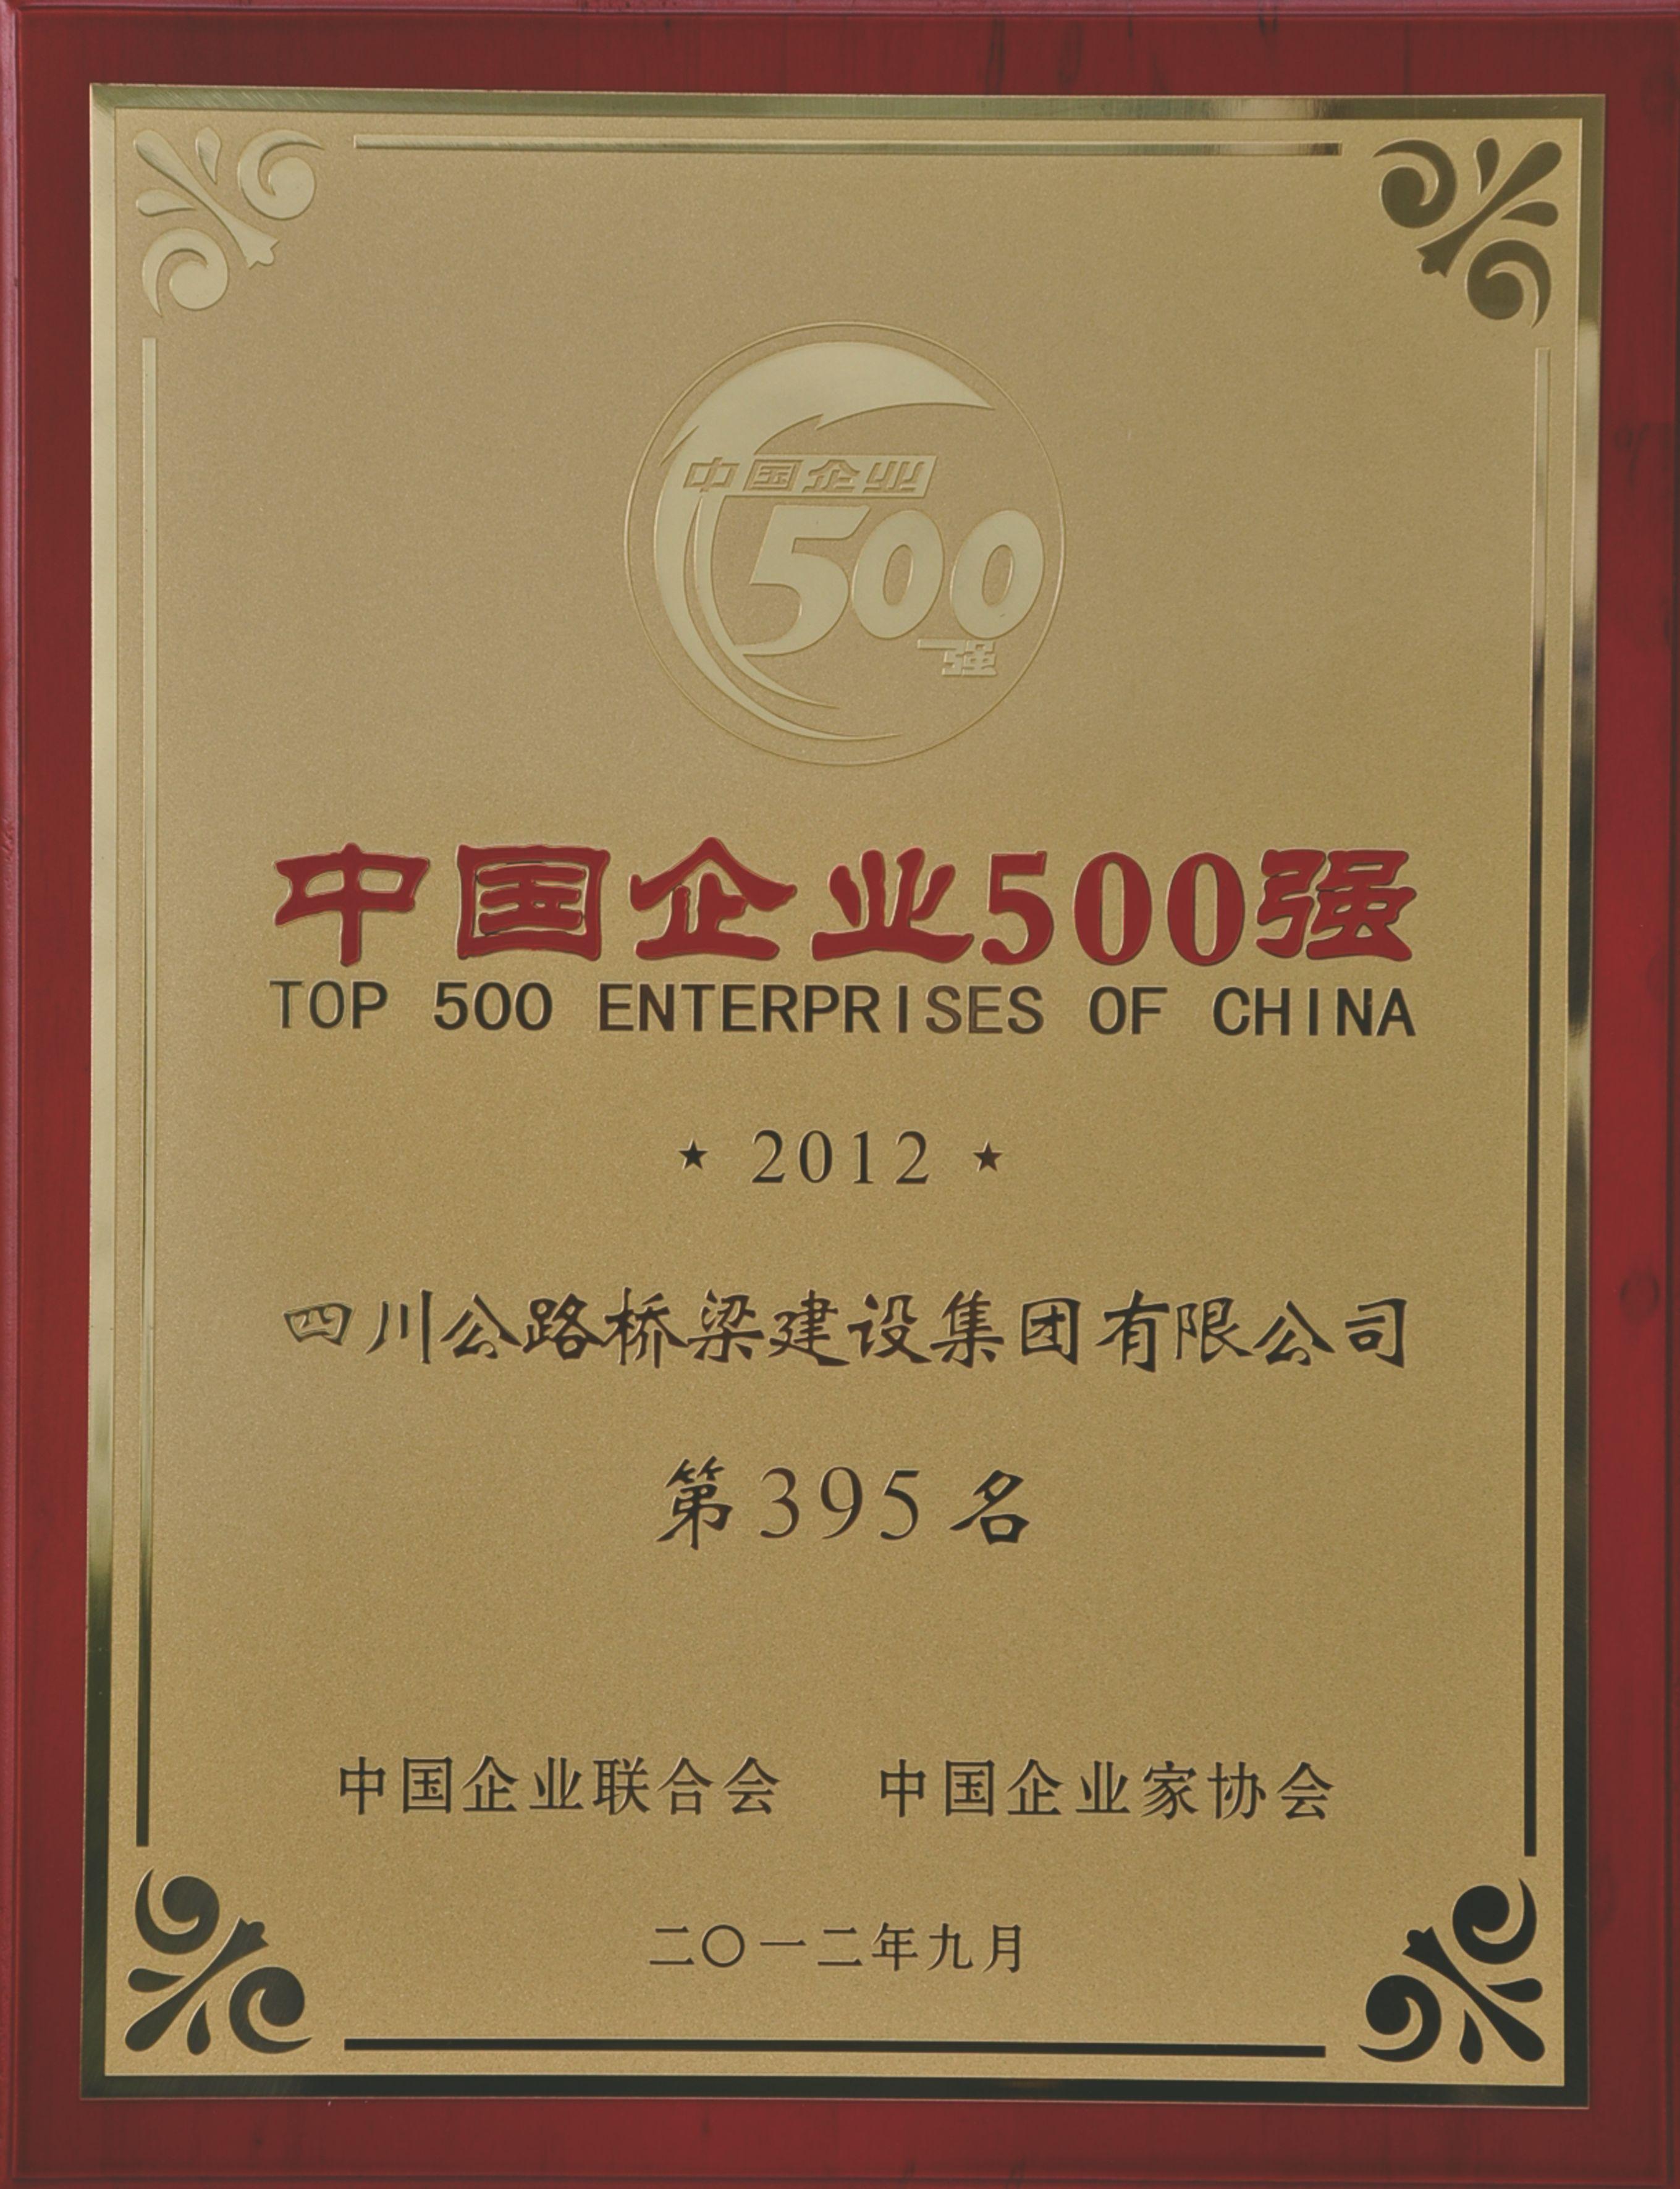 6中国企业500强.jpg